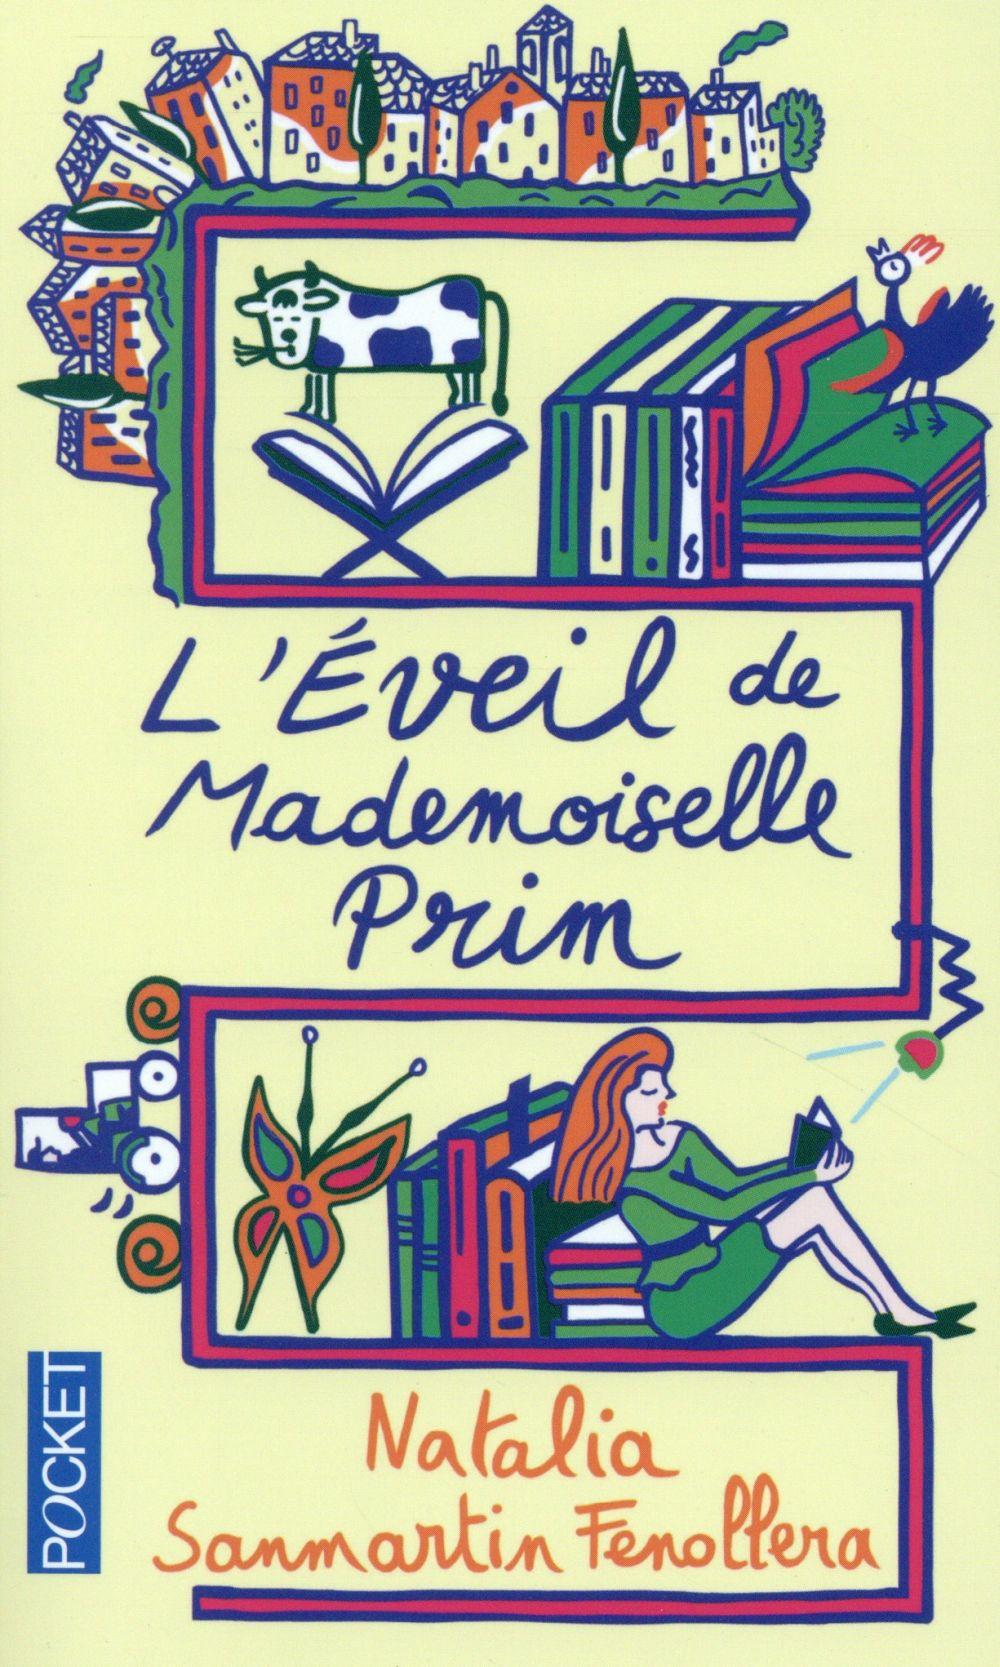 L'éveil de Mademoiselle Prim